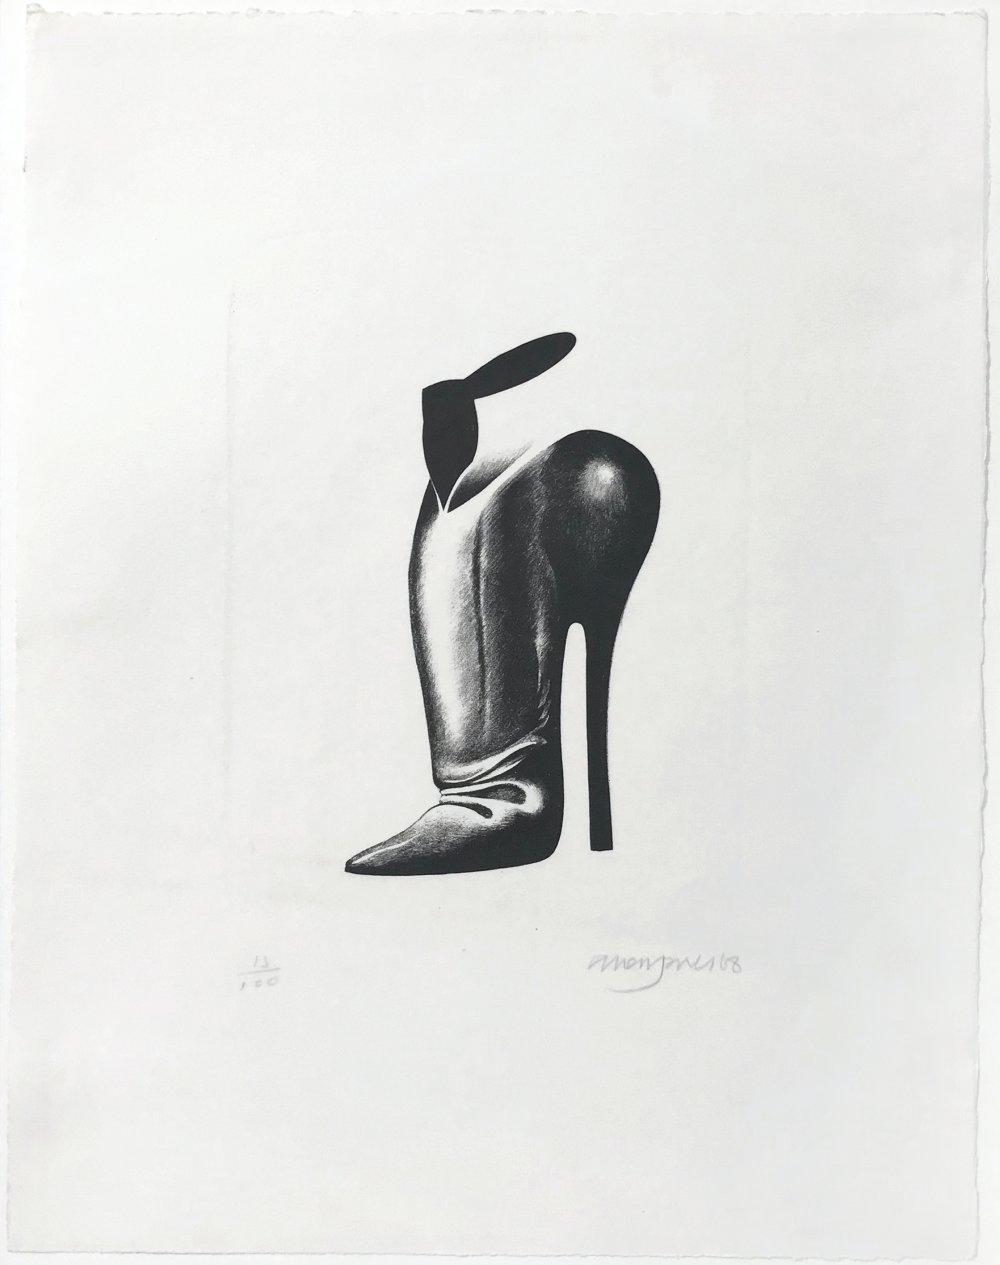 Untitled (Shoe 7)